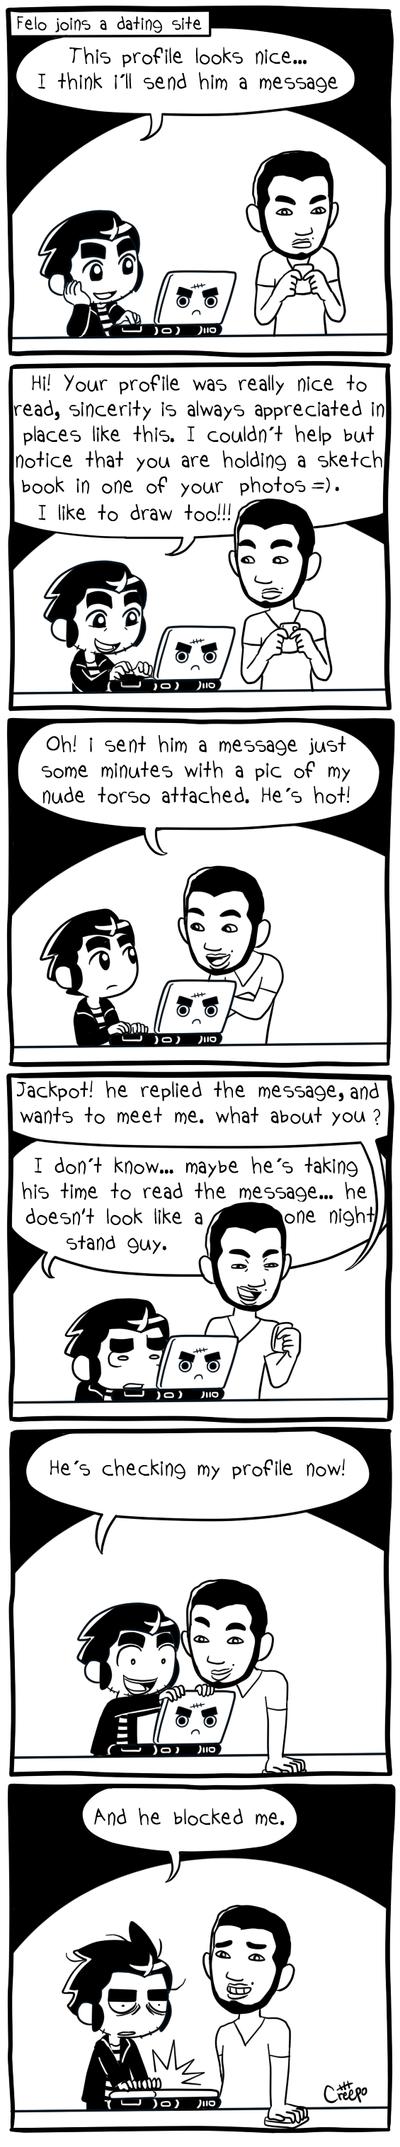 Flr dating